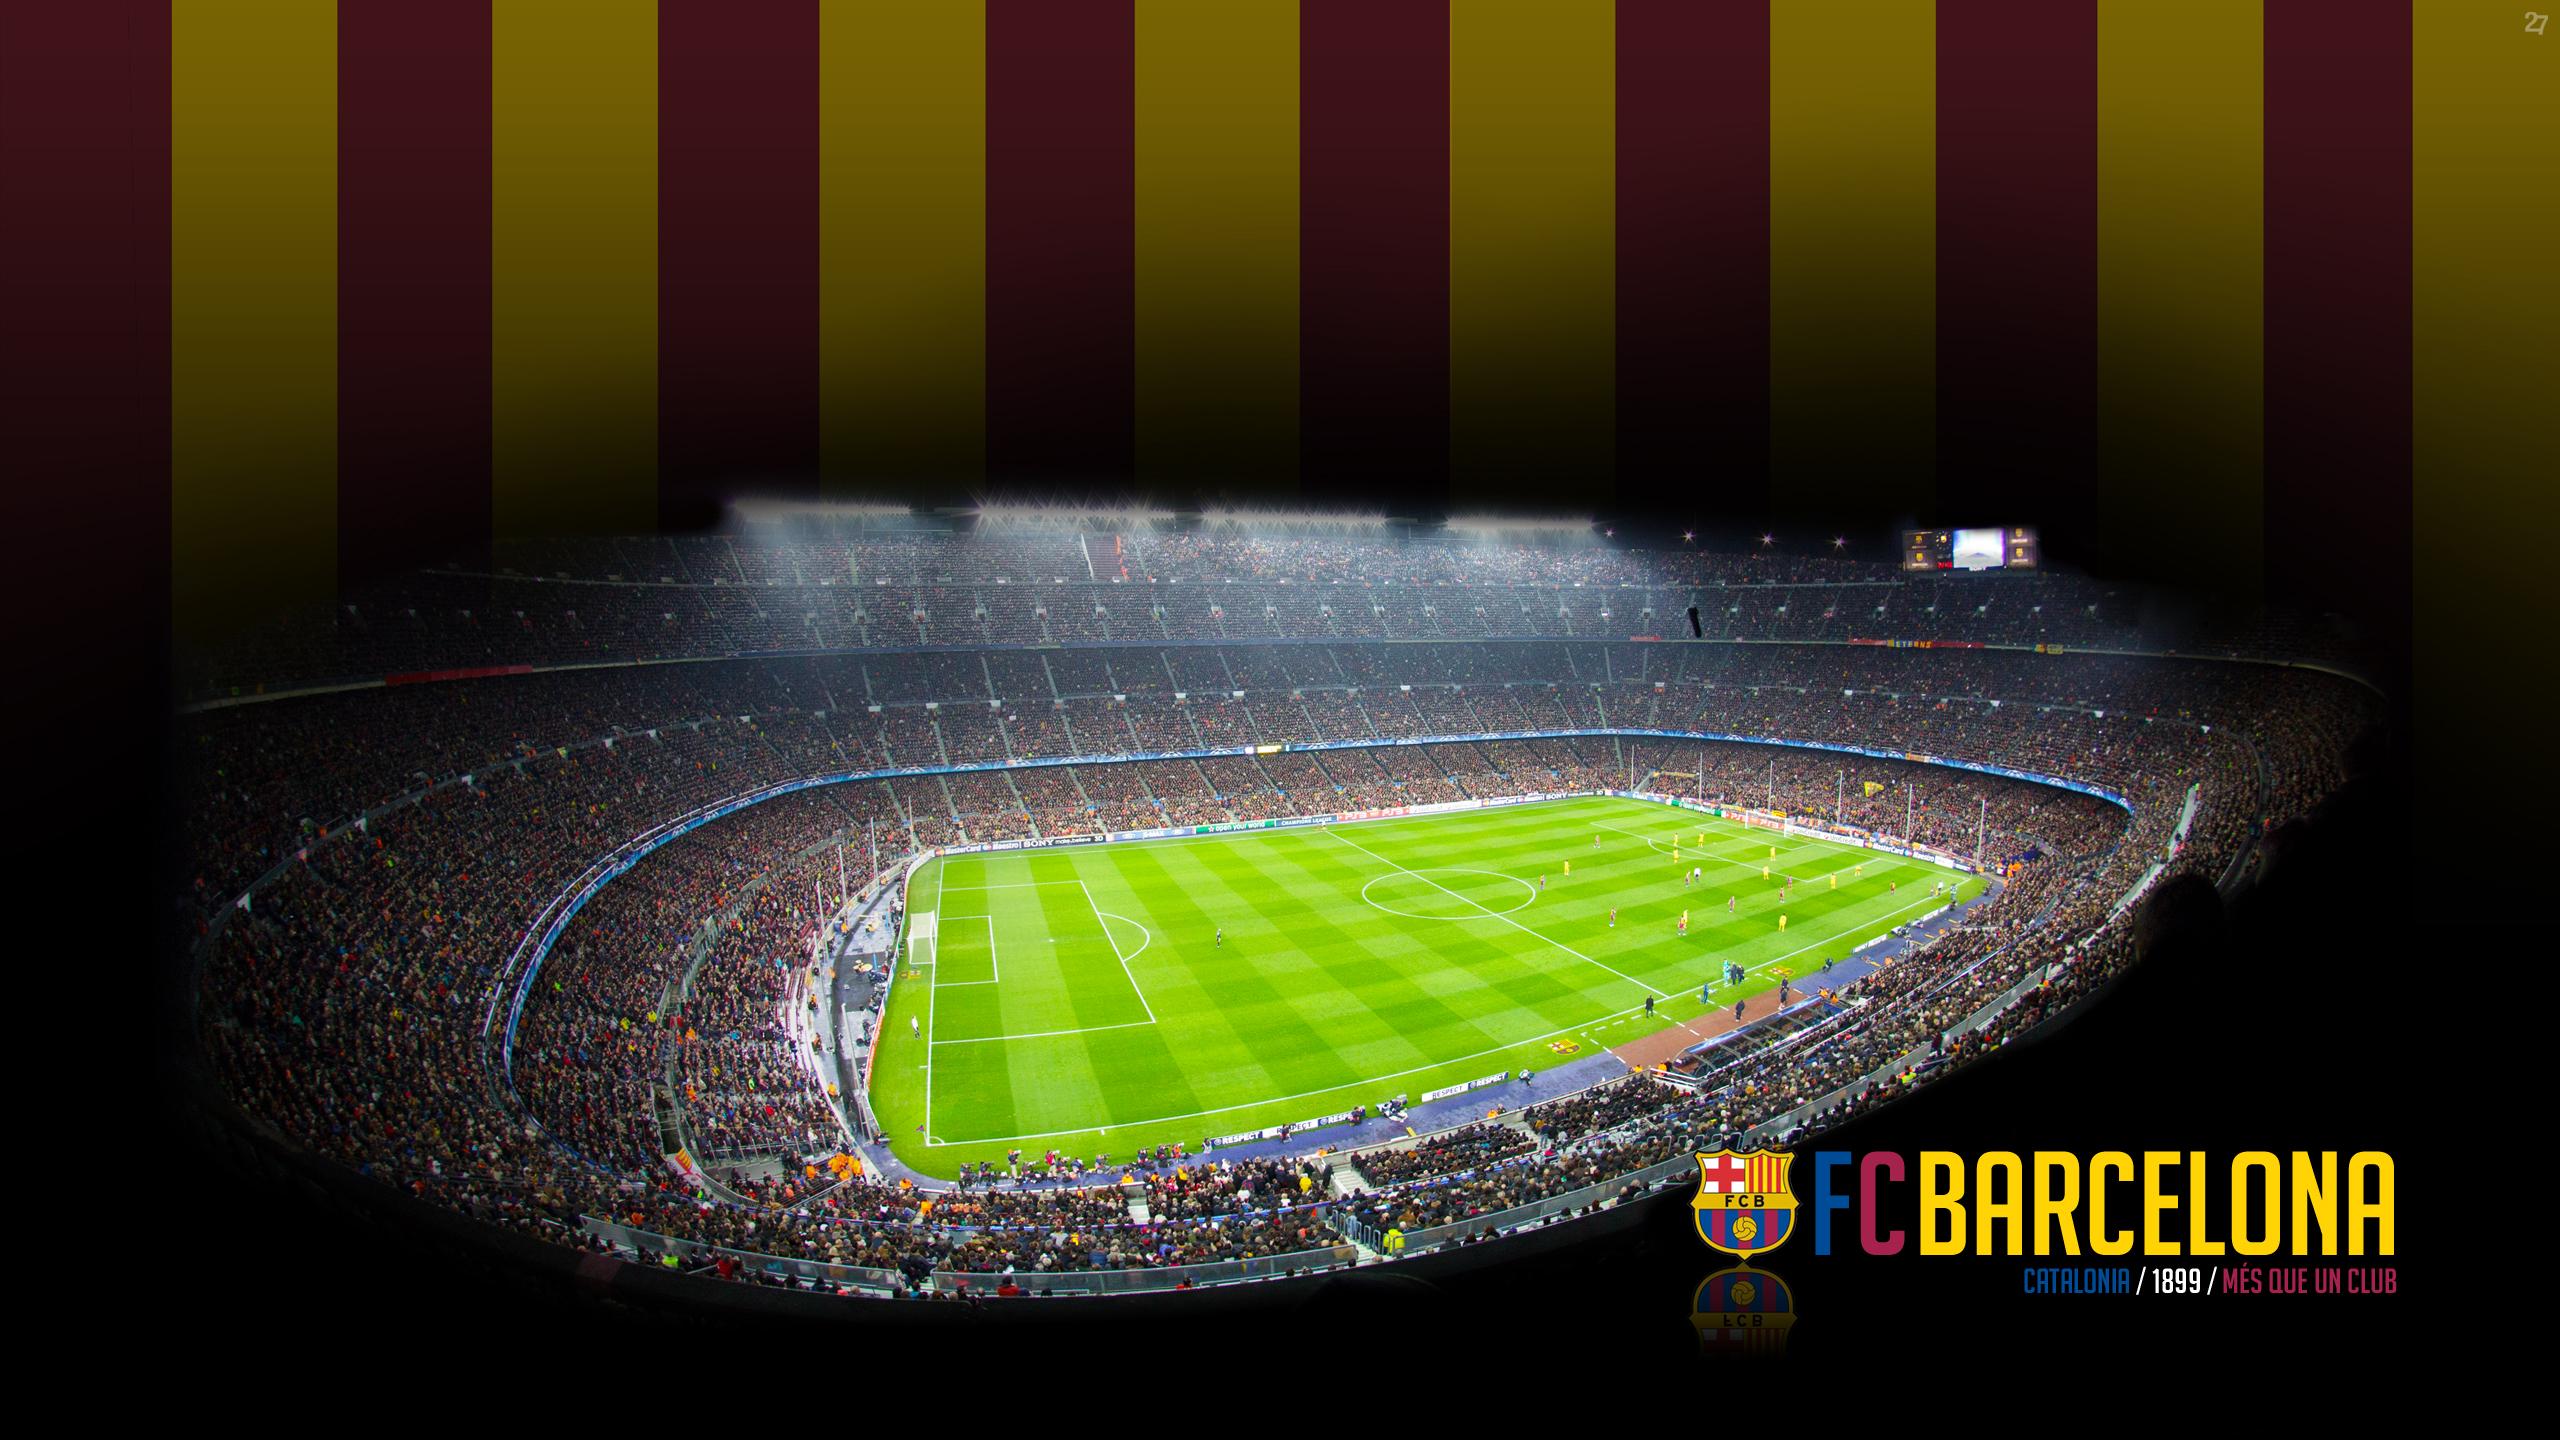 Barca_walls_2013_4